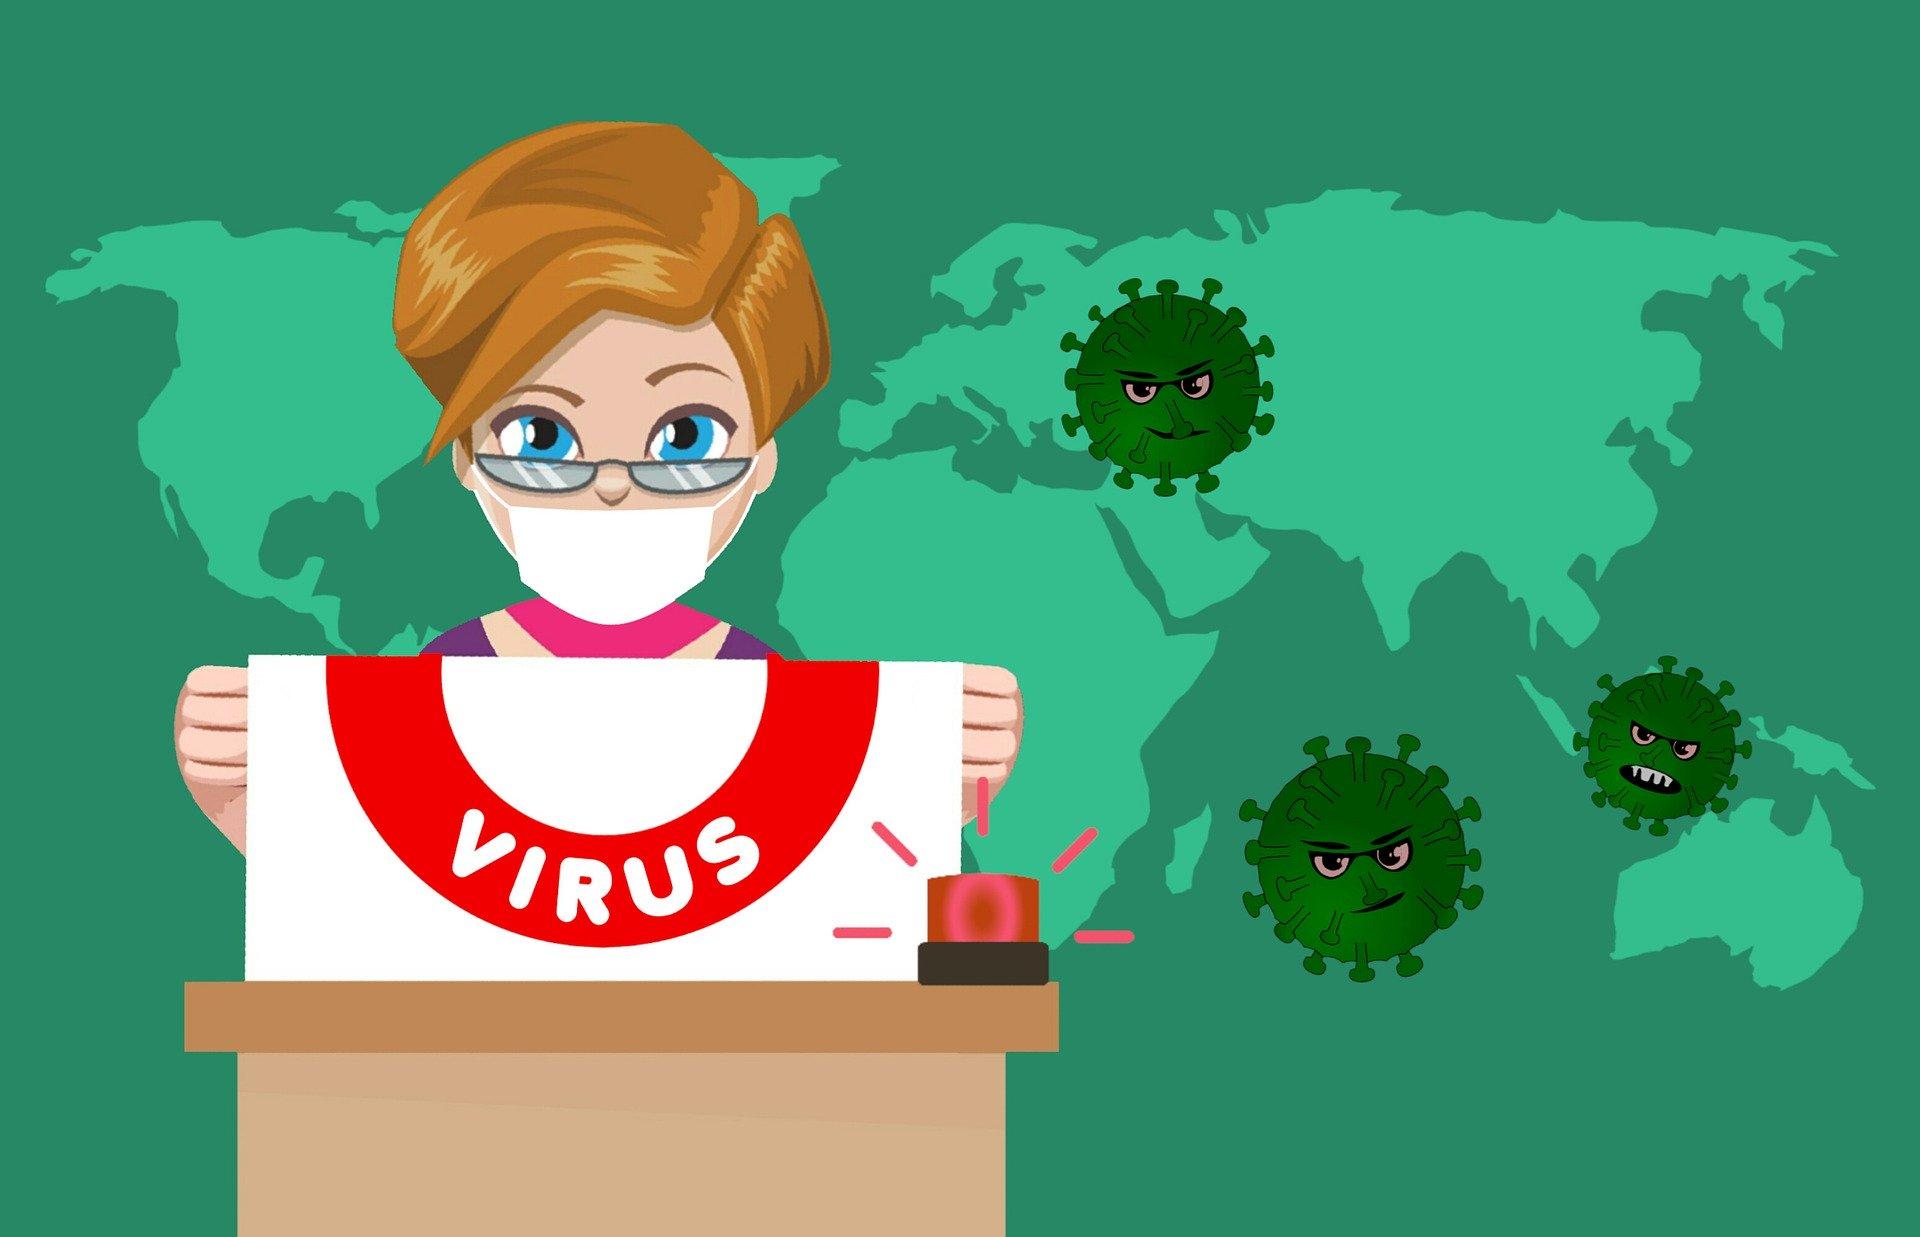 virus-4913808_1920